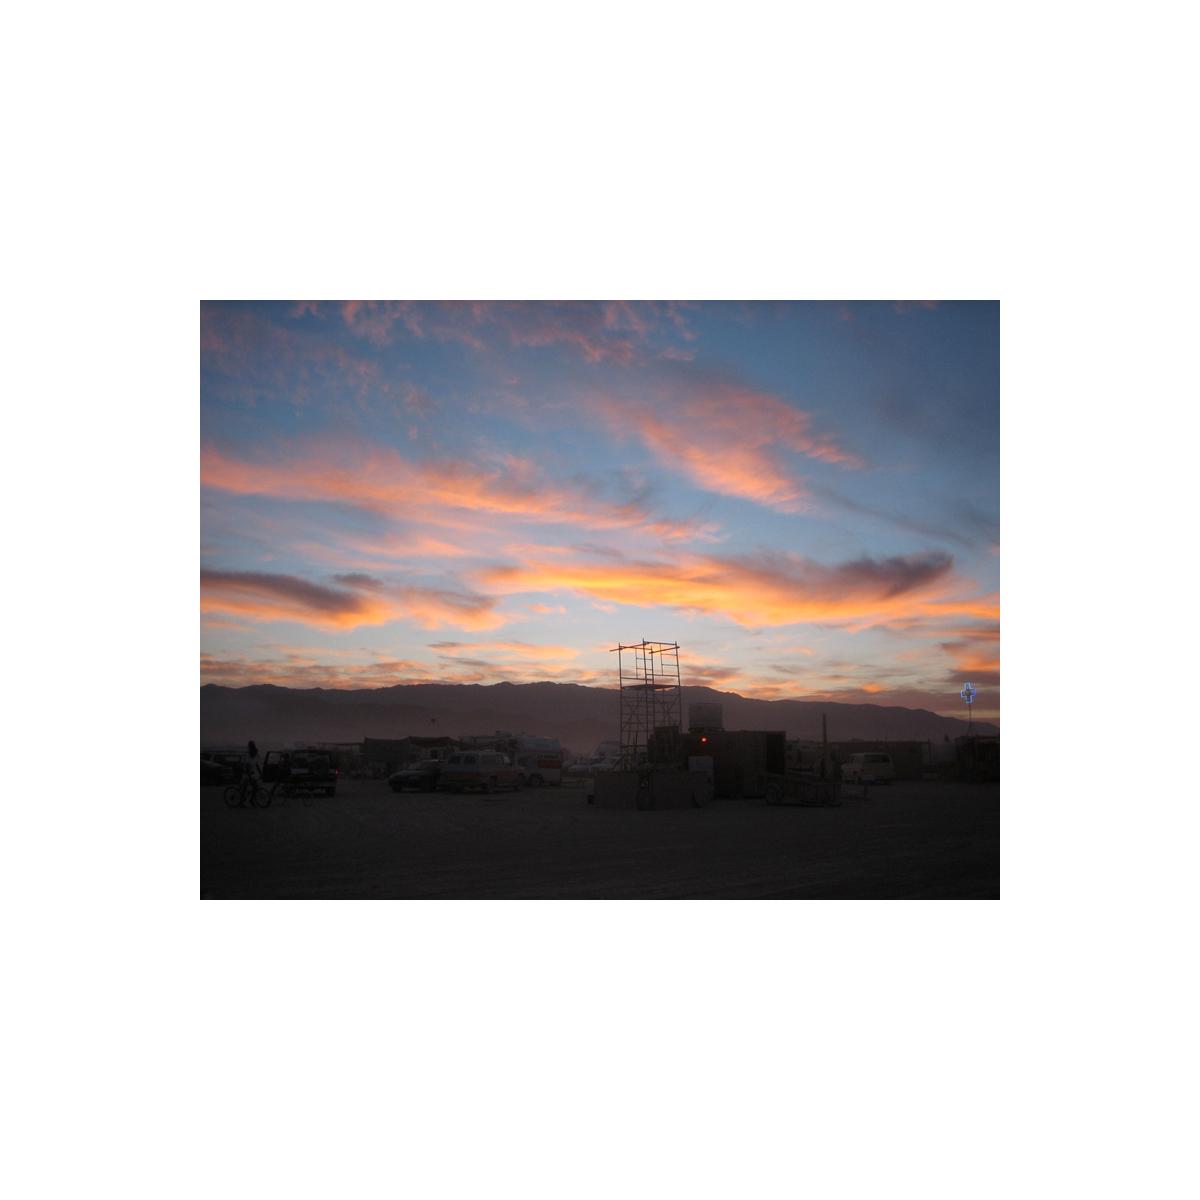 Evening at Burning Man